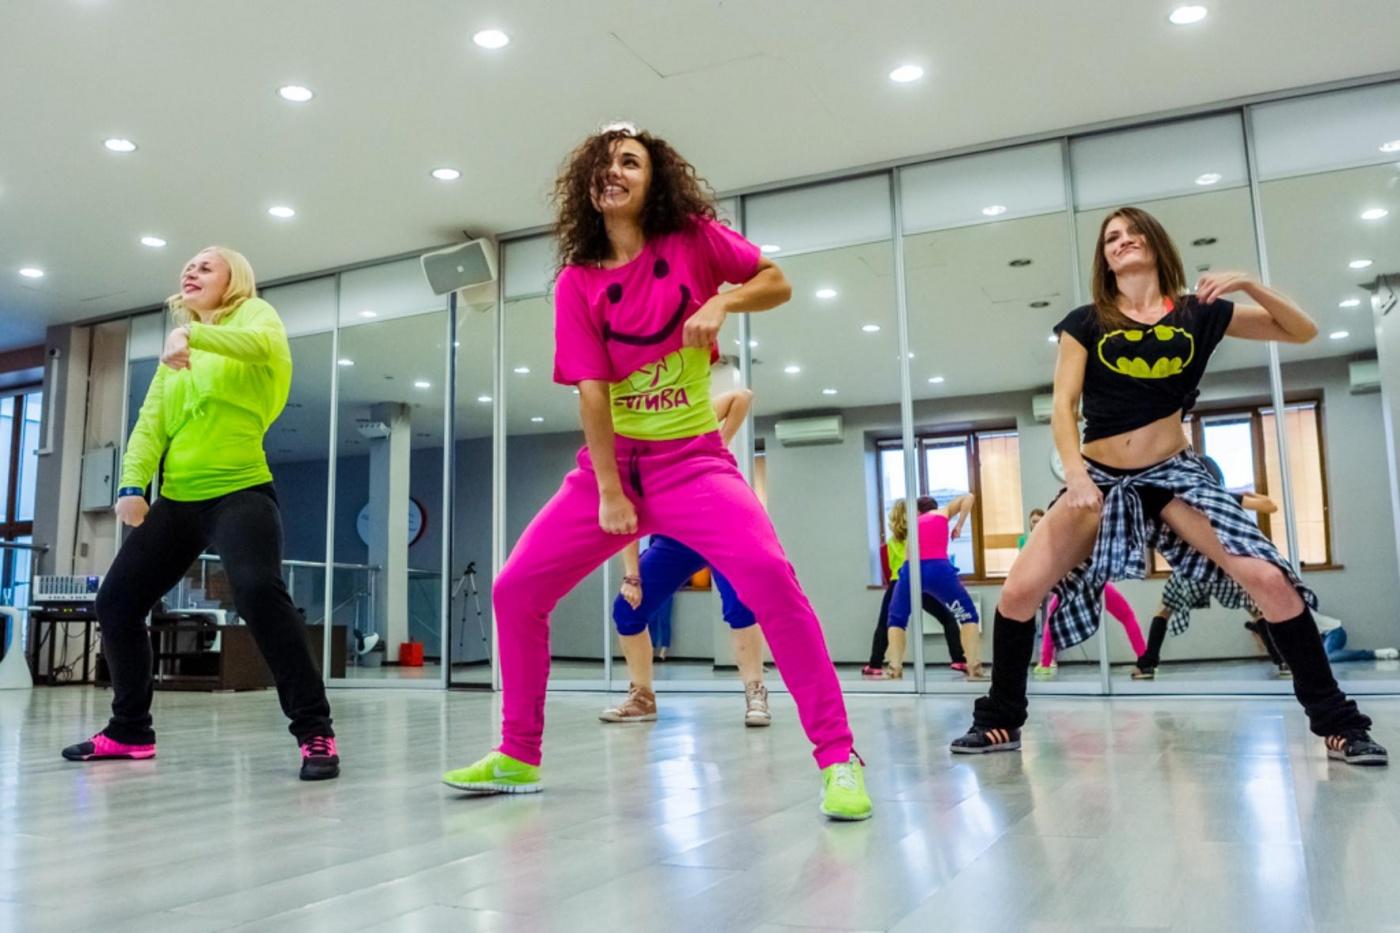 Смотреть Онлайн Танцы Зумба Для Похудения. Зумба видео